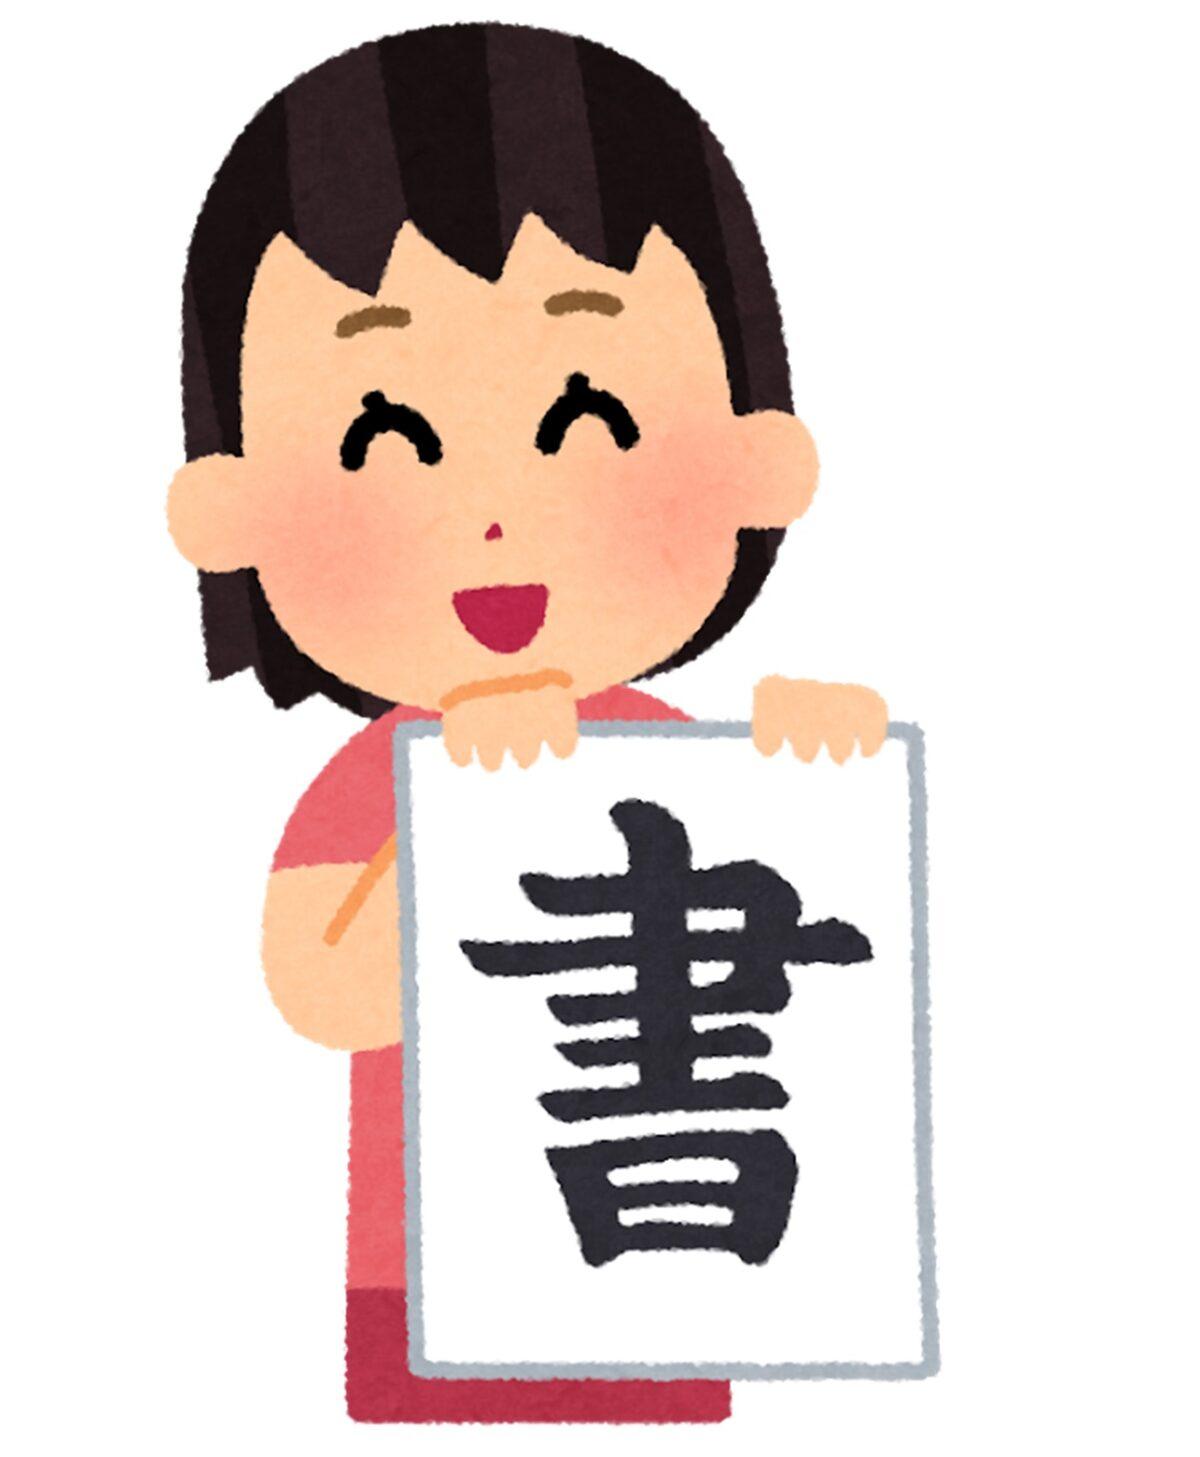 【2021.8/4(水)開催予定】堺区・好きな言葉を書いてみよう♪夏のおたのしみ講座『習字』が開催されます!※要申込@人権ふれあいセンター: